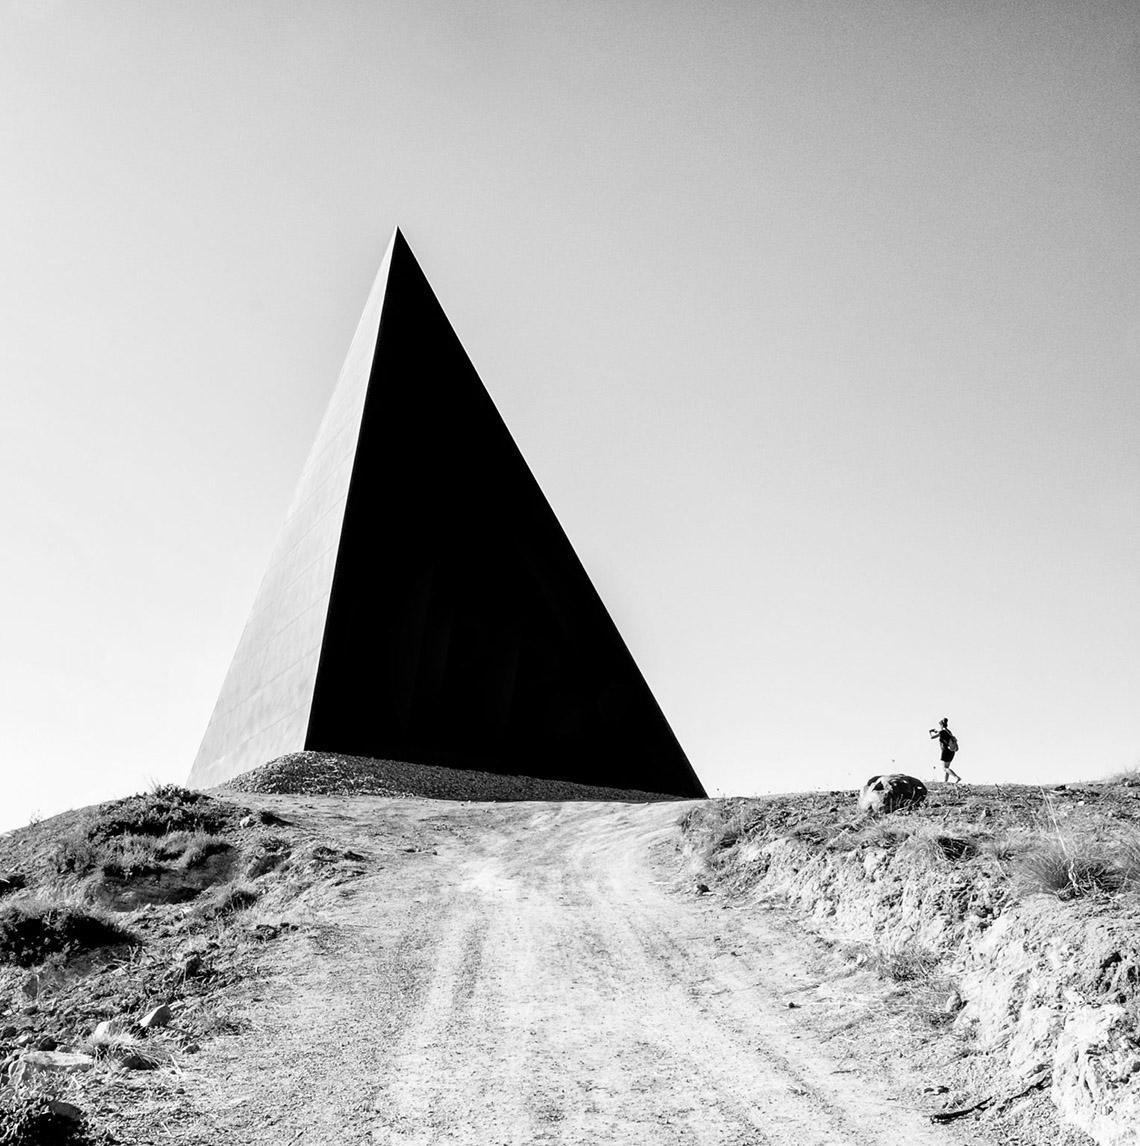 Các bức ảnh ấn tượng từ cuộc thi Sony World Photography Awards Open Competition 2020 -10